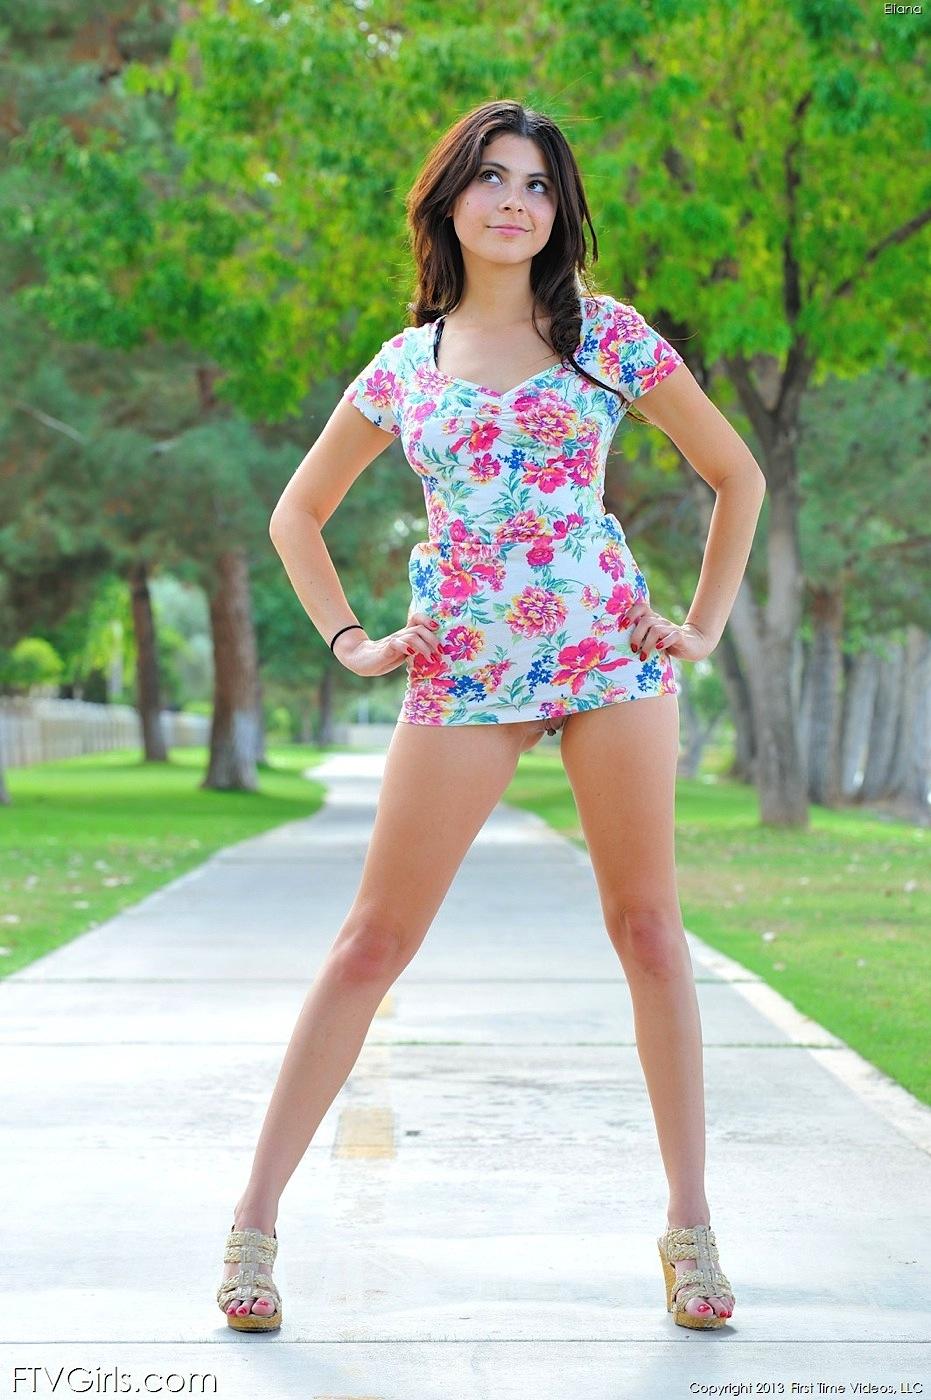 Bajo falda nena con rico calzon blanco disfrutalo y comenta - 1 part 10